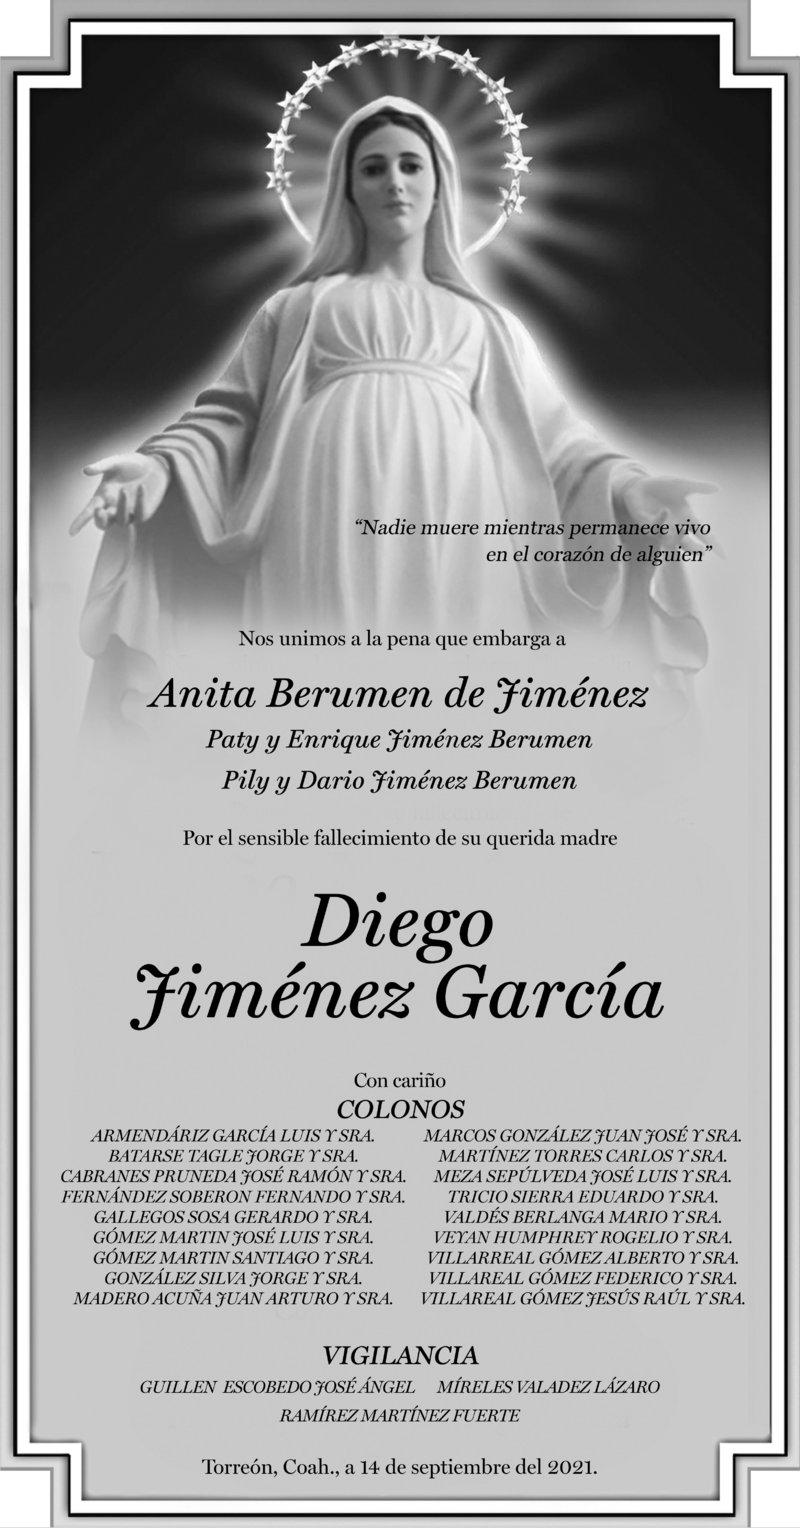 CONDOLENCIA: DIEGO JIMÉNEZ GARCÍA. Colonos y vigilancia, se unen a la pena de la Familia Jiménez Berumen ante esta irreparable pérdida del Sr. Diego. Descanse en paz.